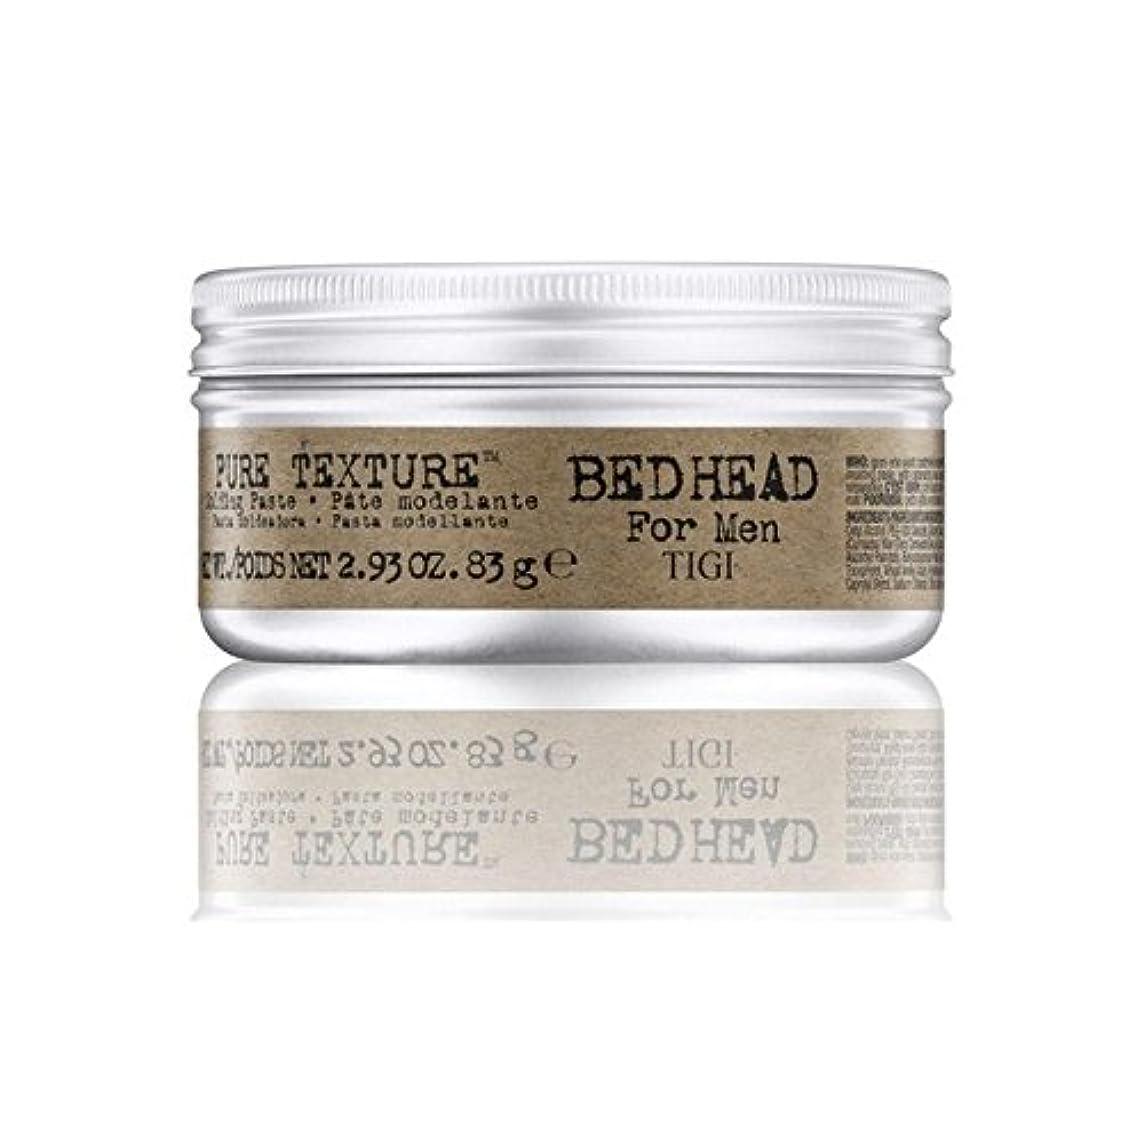 ローマ人ハードリングパプアニューギニア男性の純粋なテクスチャーモールディングペースト(83グラム)のためのティジーベッドヘッド x4 - Tigi Bed Head For Men Pure Texture Molding Paste (83G) (Pack...